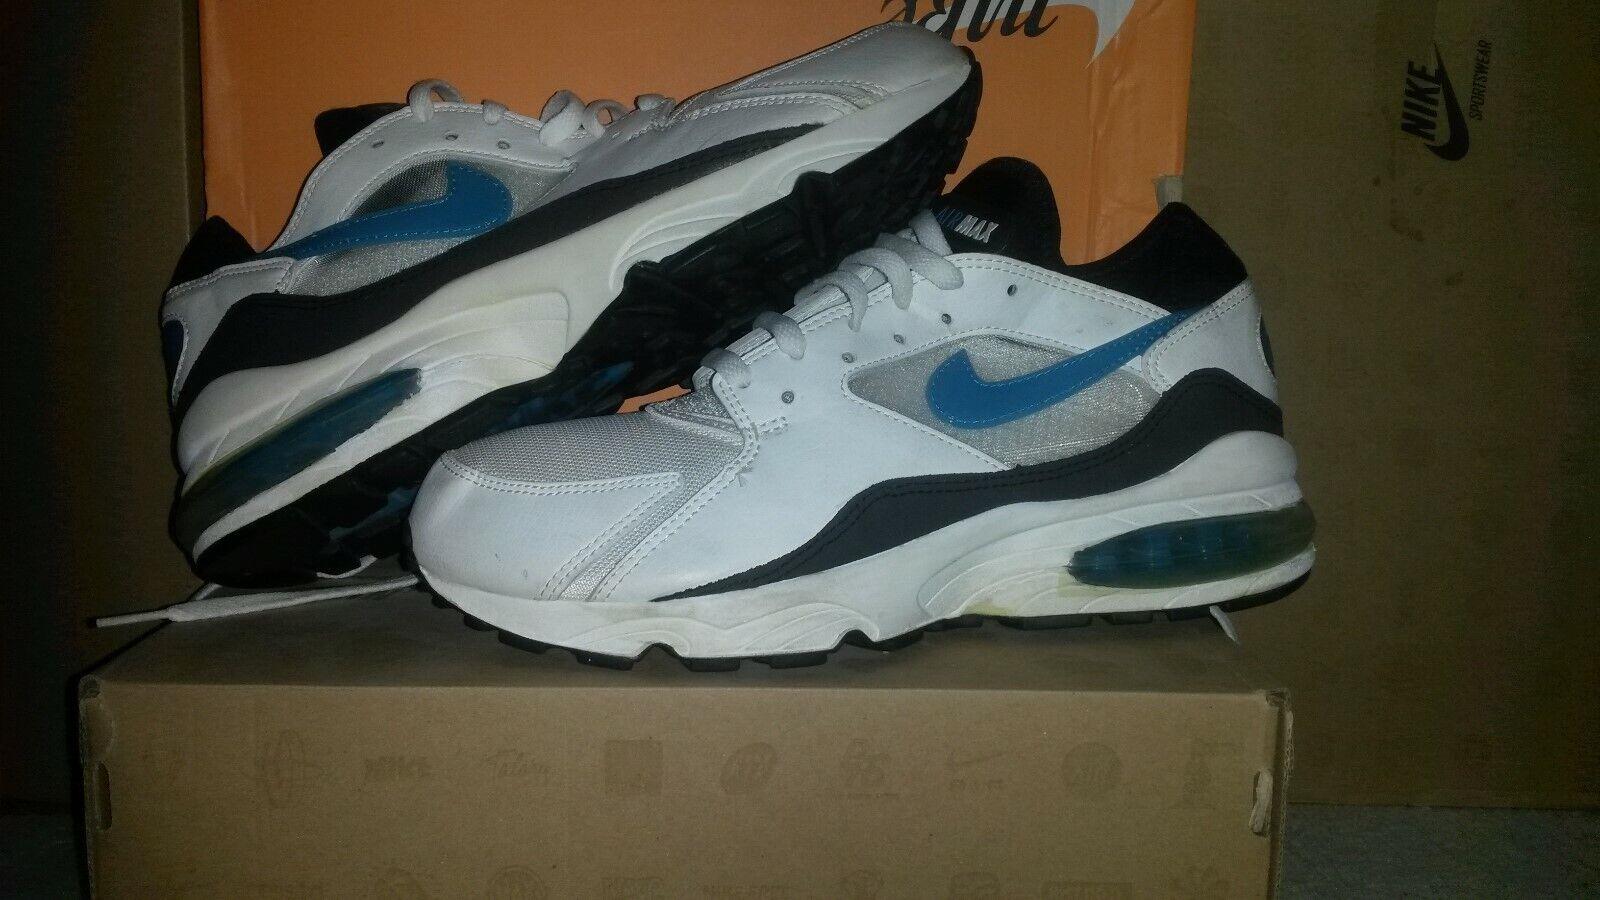 Nike air max 93 og 44 2003  hoa 1 180 90 95 97 stab ltd classic bw